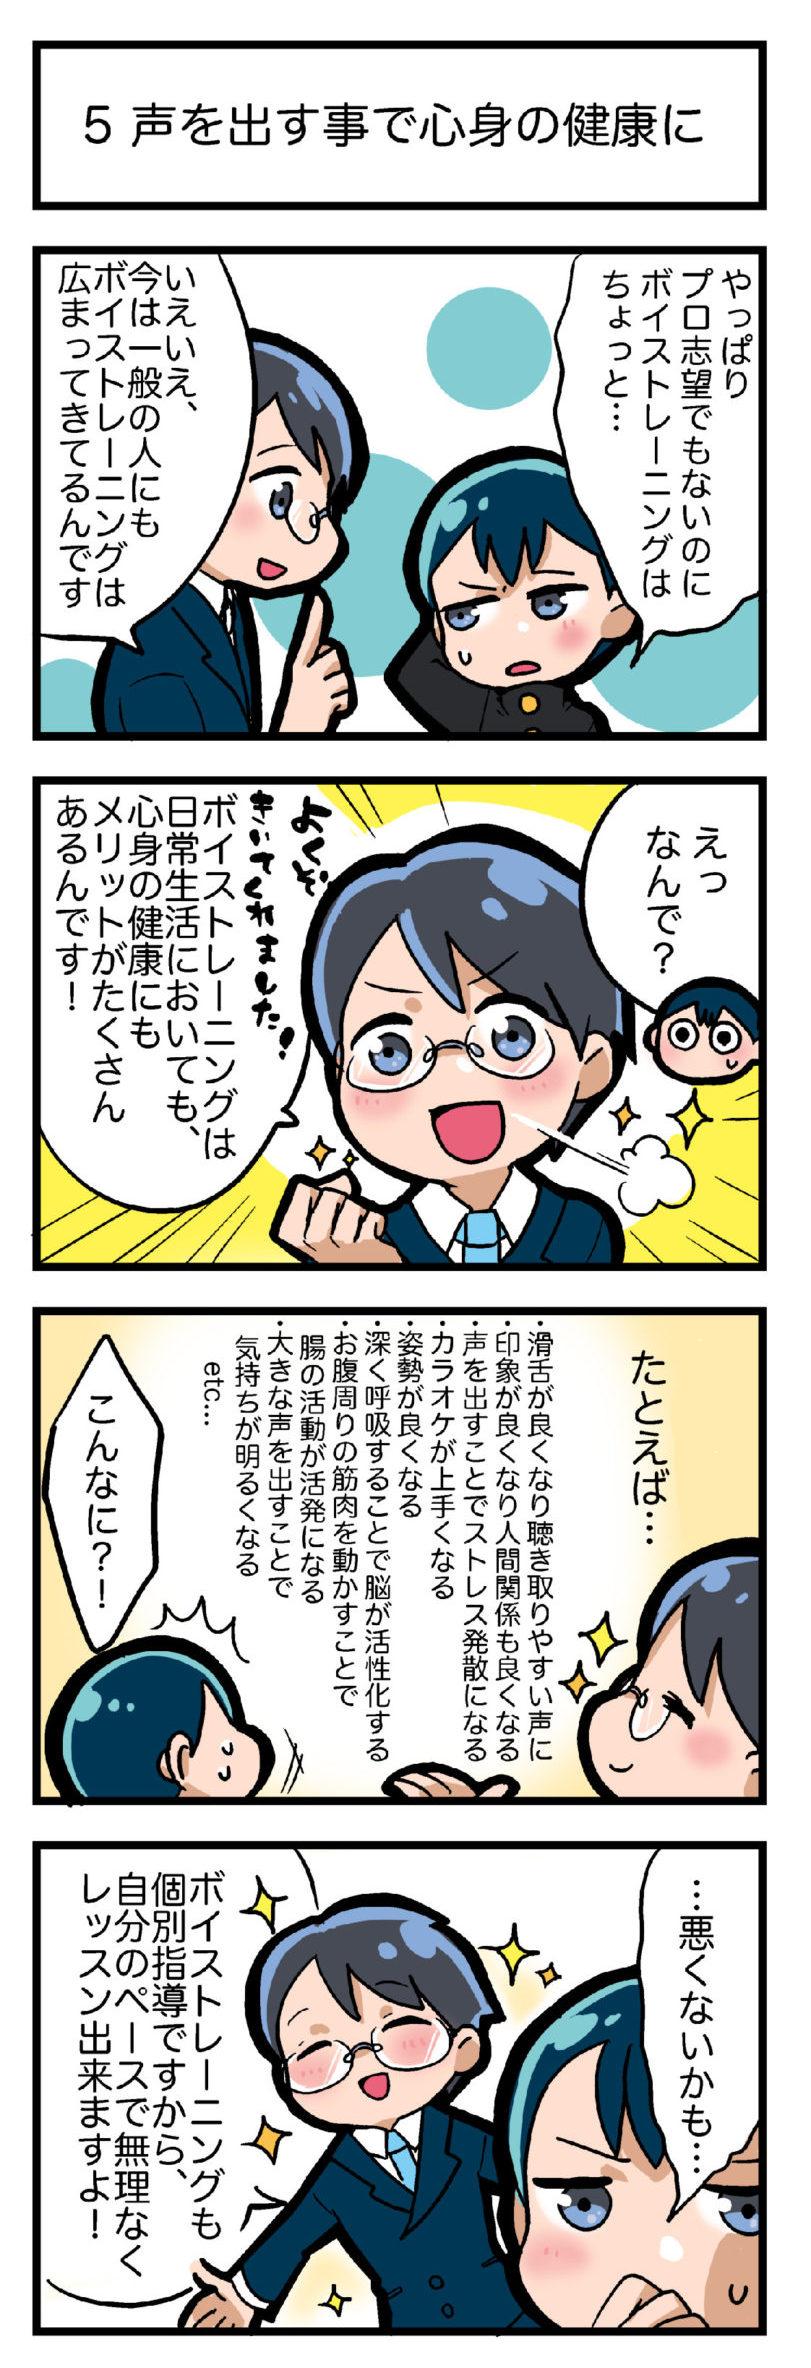 発声練習で心身が健康になる。しかも通信制で単位が取れる高校は東京ボイス校